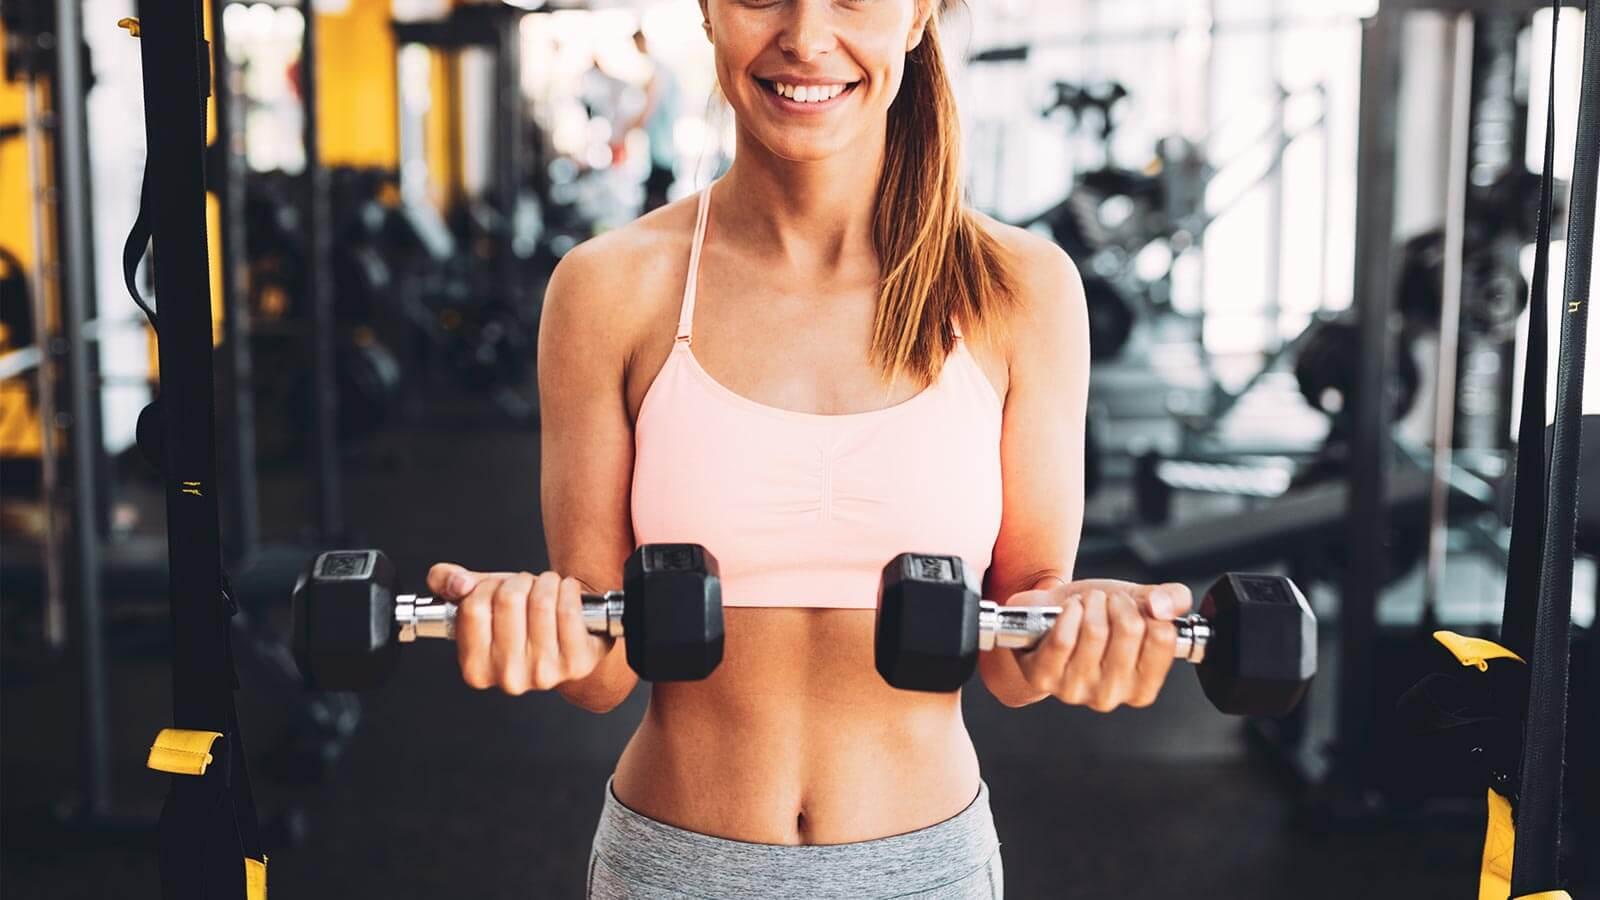 comment perdre de la masse grasse rapidement 85 kg de perte de poids